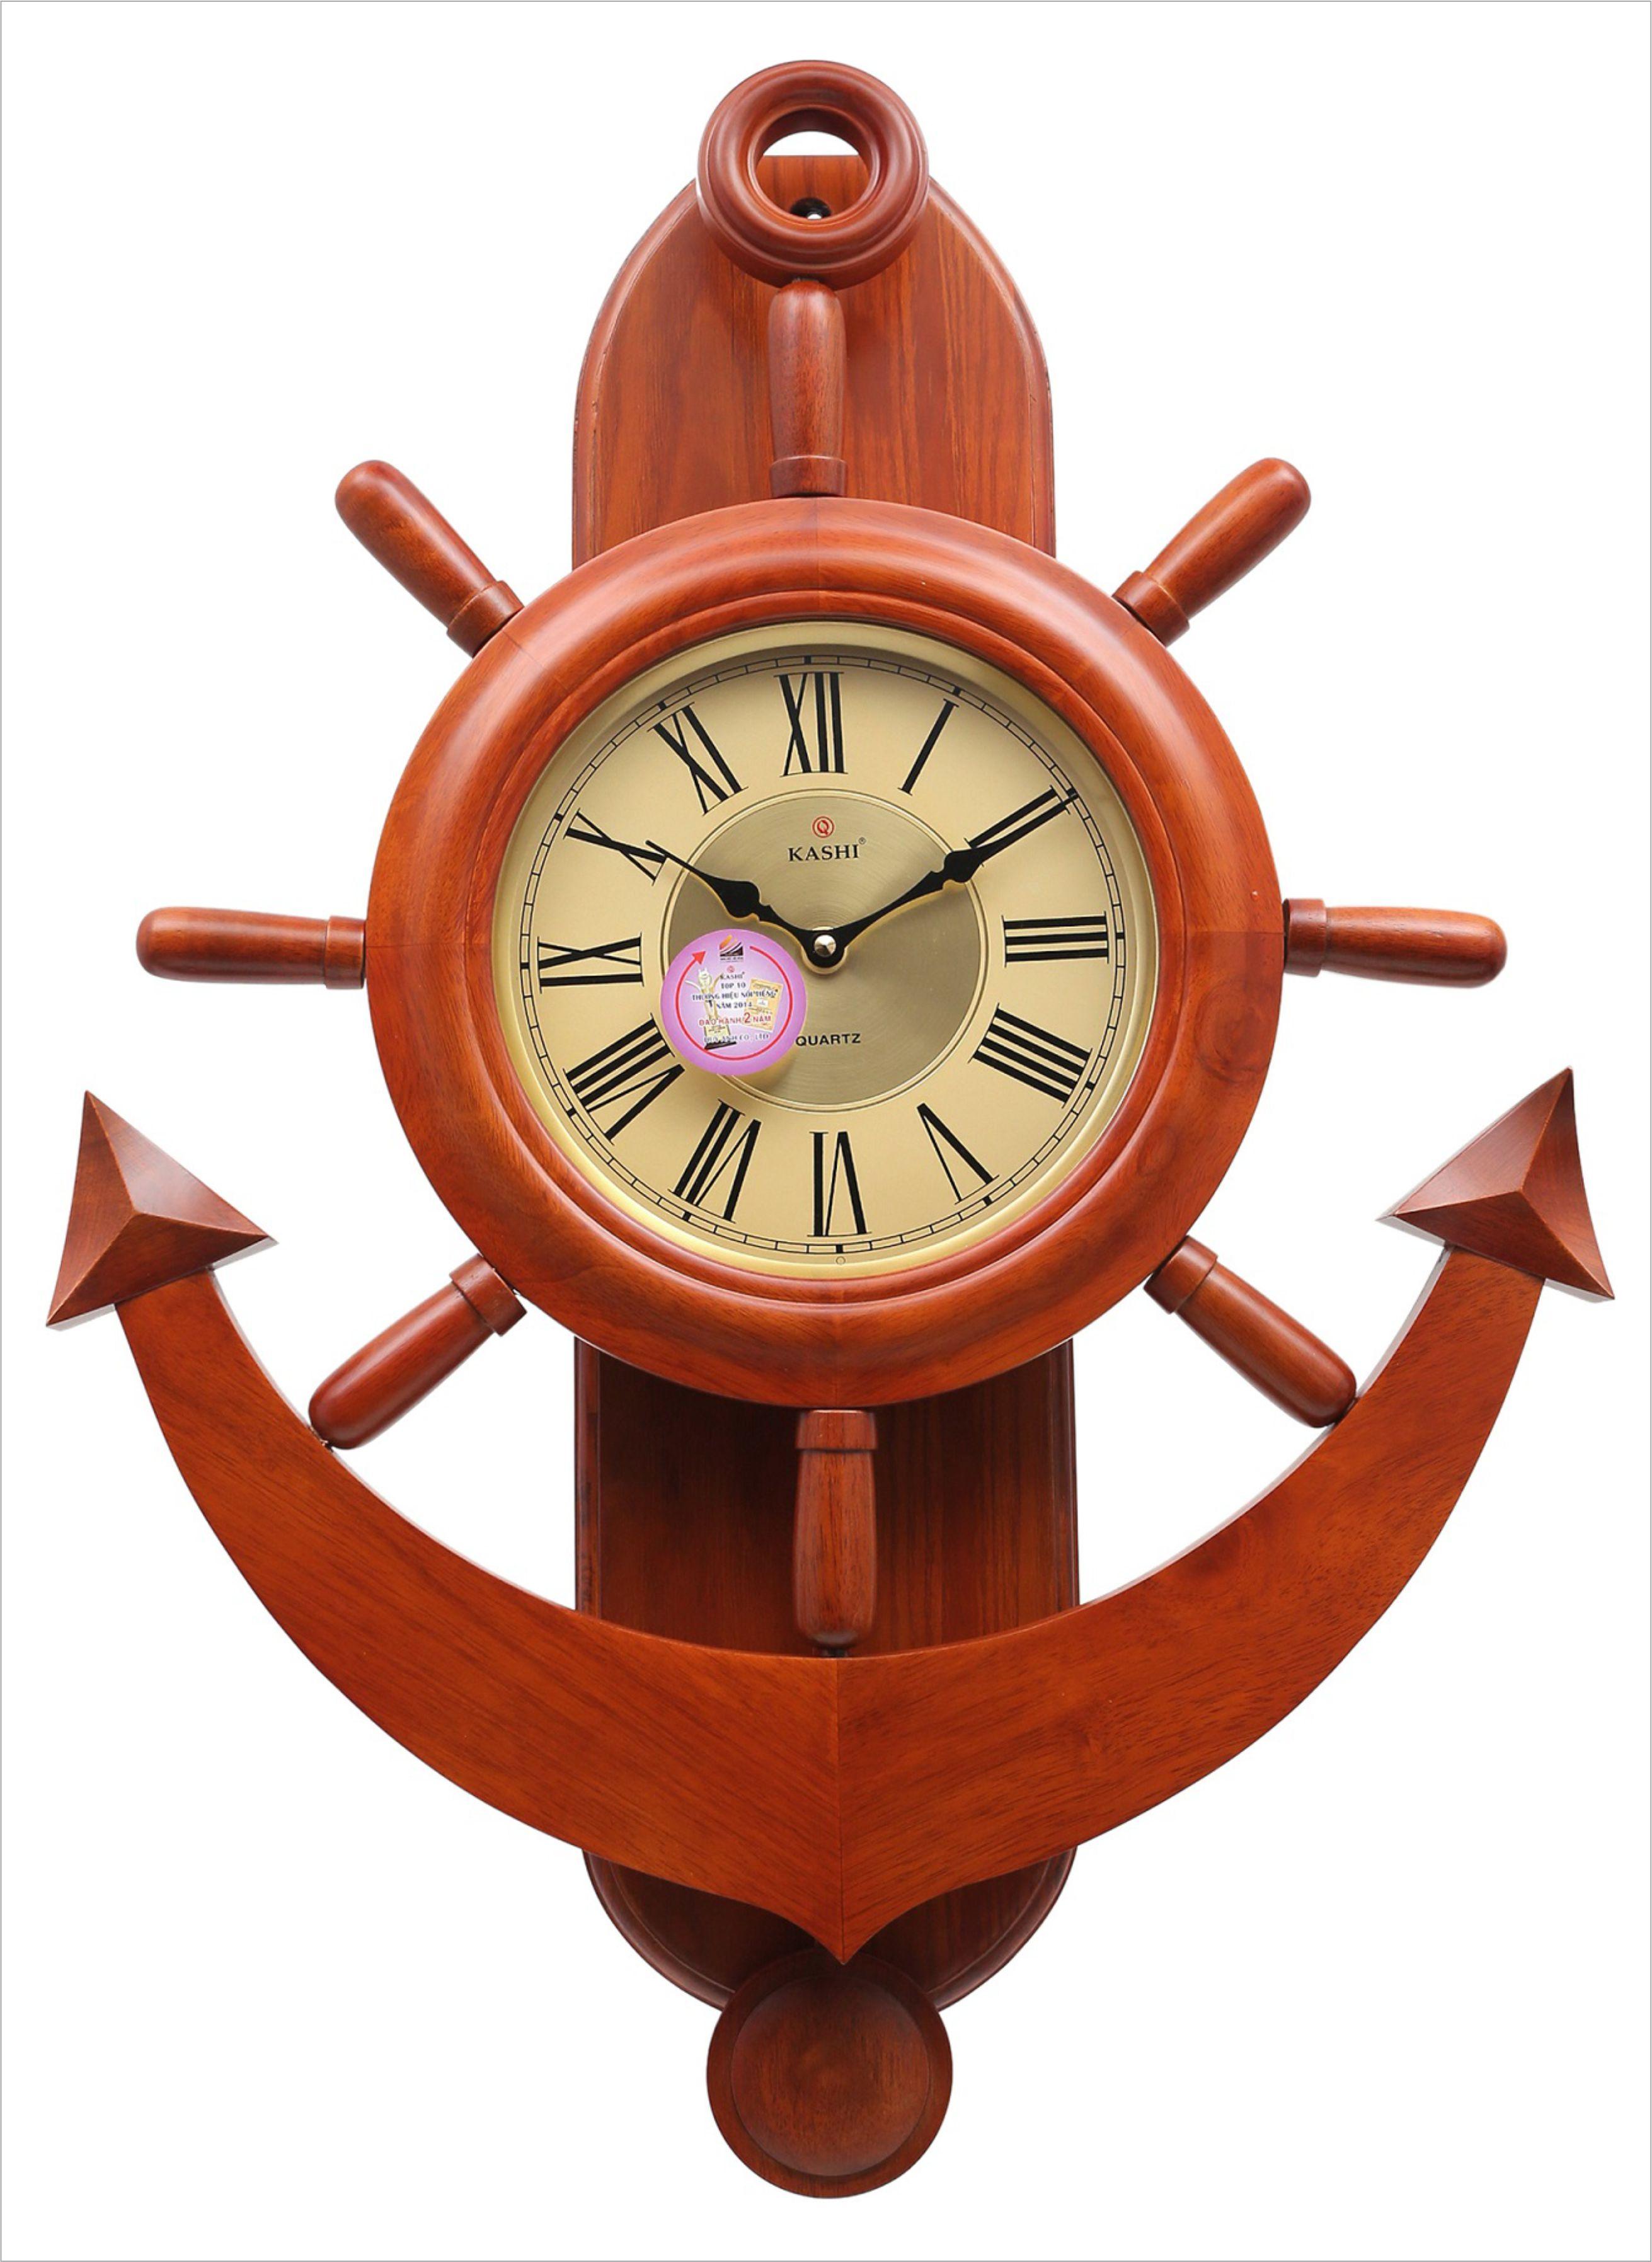 Đồng hồ treo tường quả lắc có nhạc DHHM256 số học trò Kashi 8 x 75cm